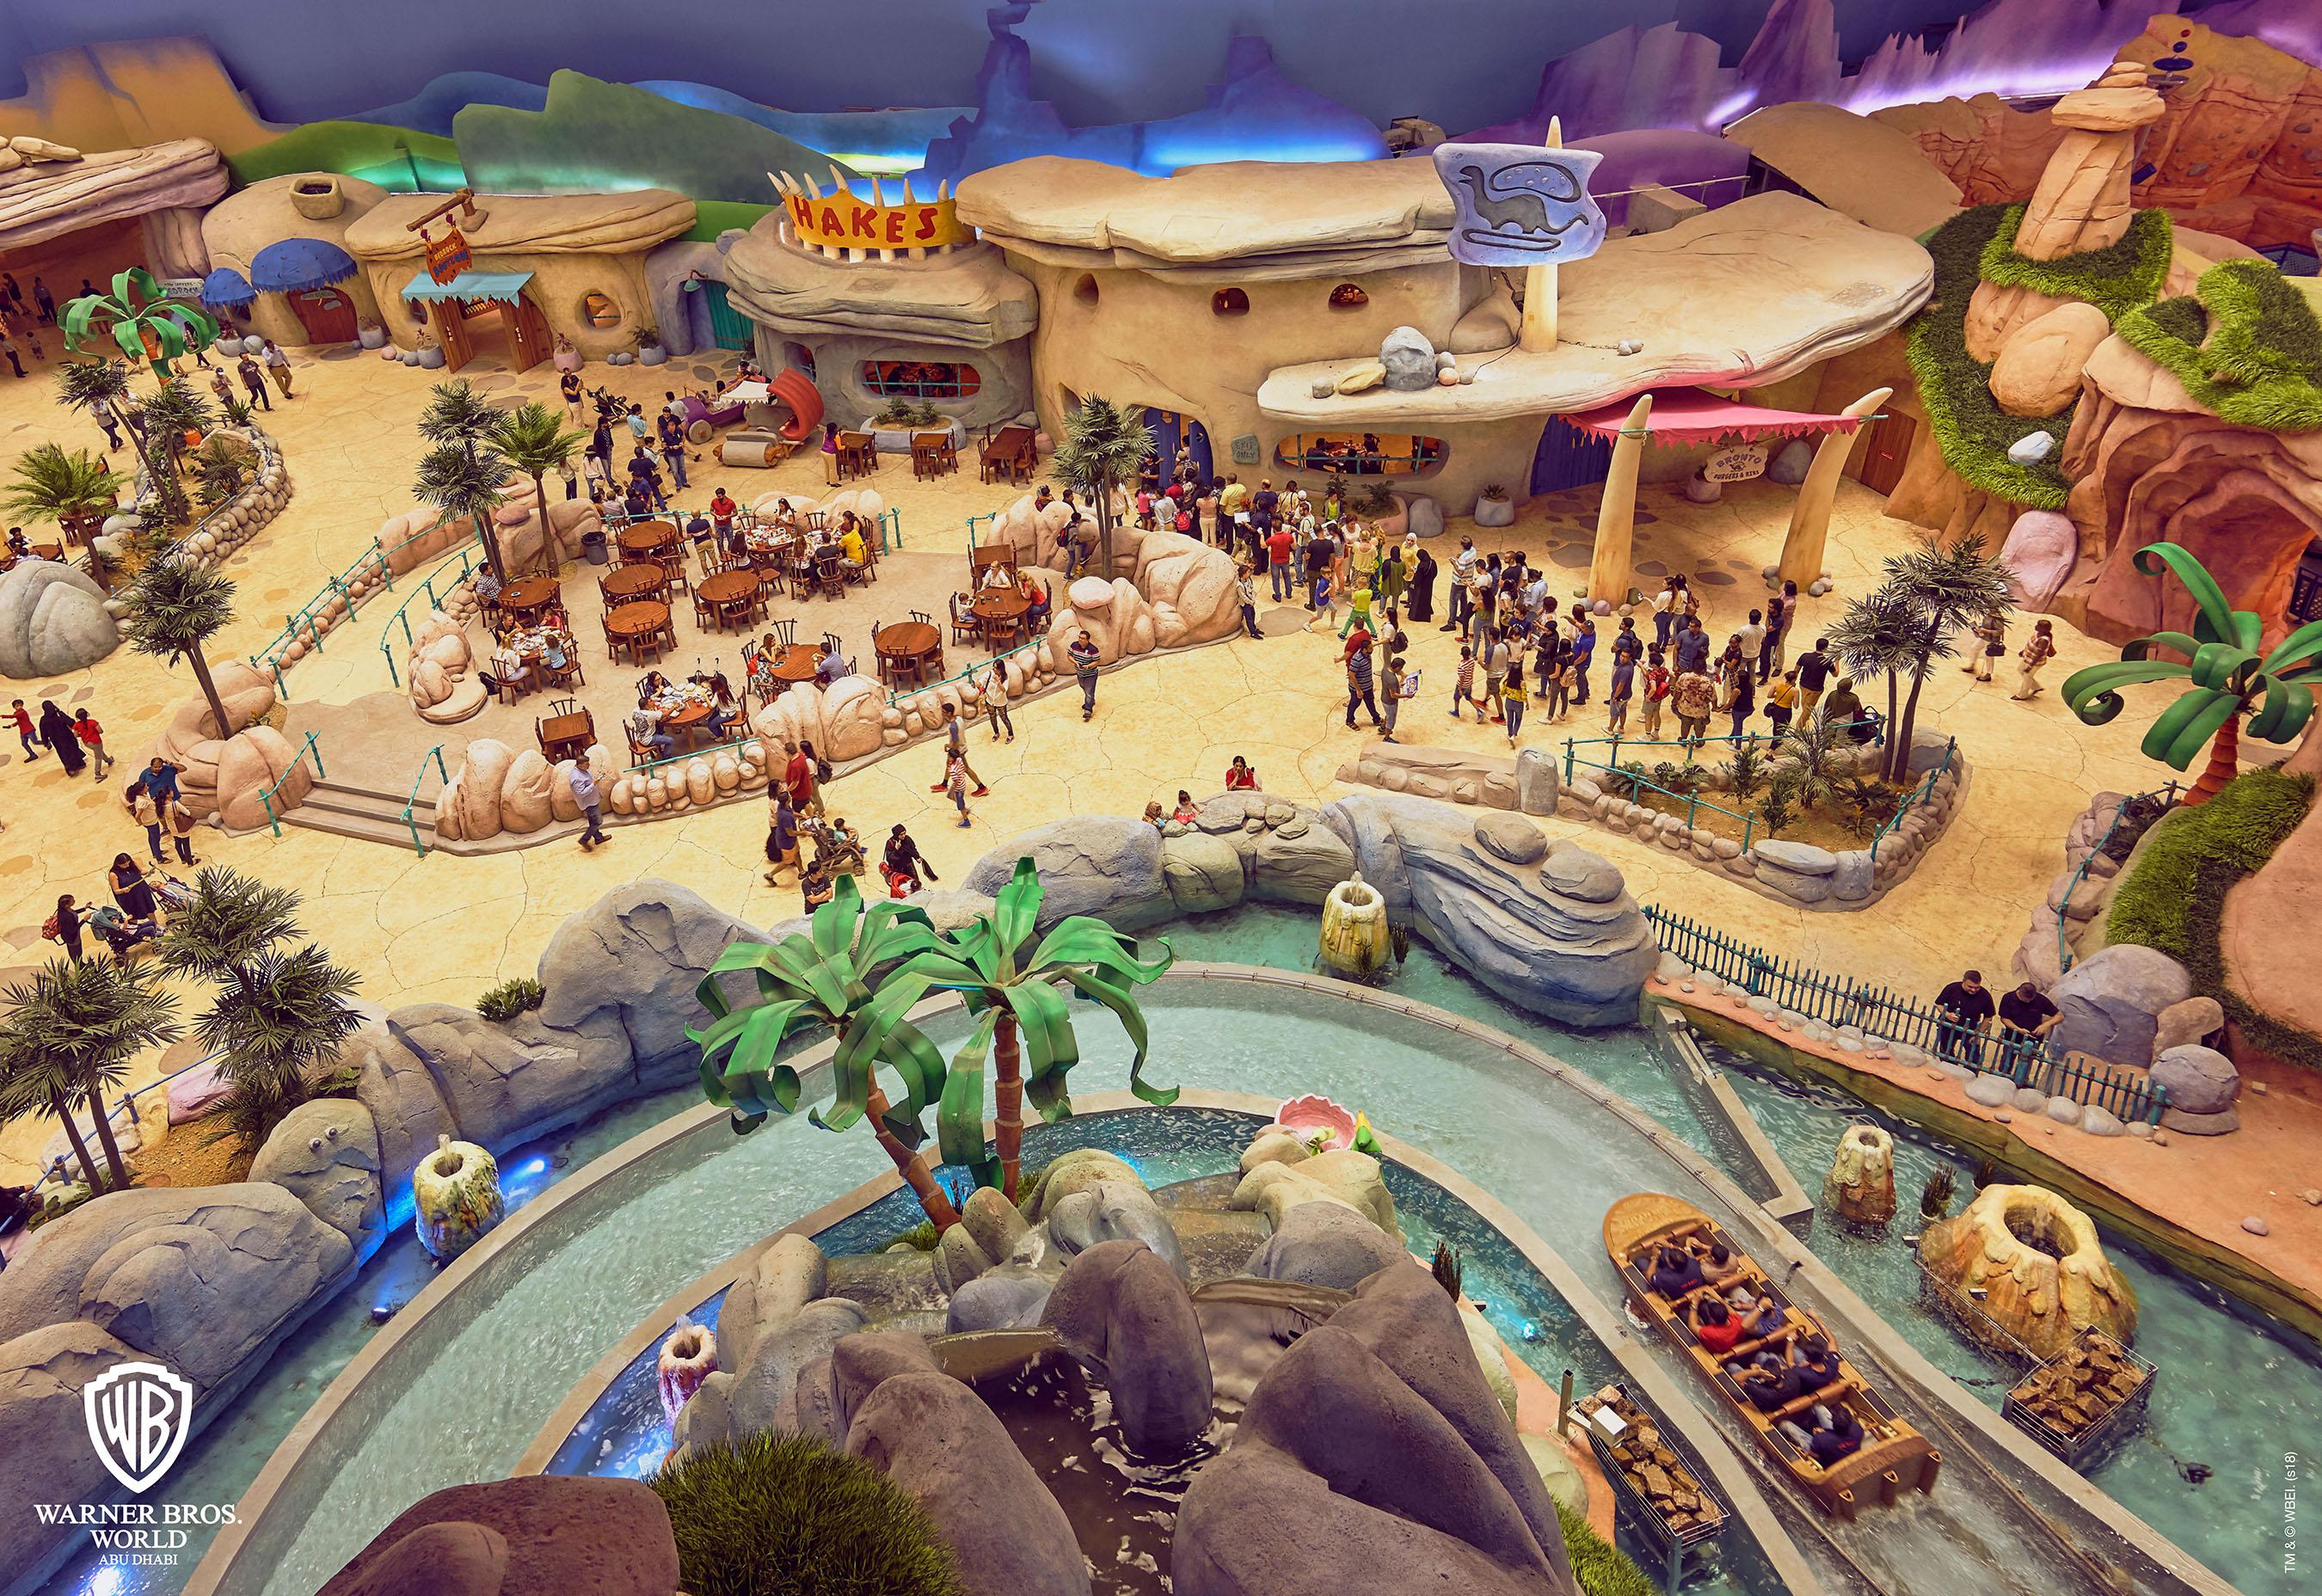 Sheikh Mohammed bin Rashid and Sheikh Mohammed bin Zayed Inaugurate Warner Bros